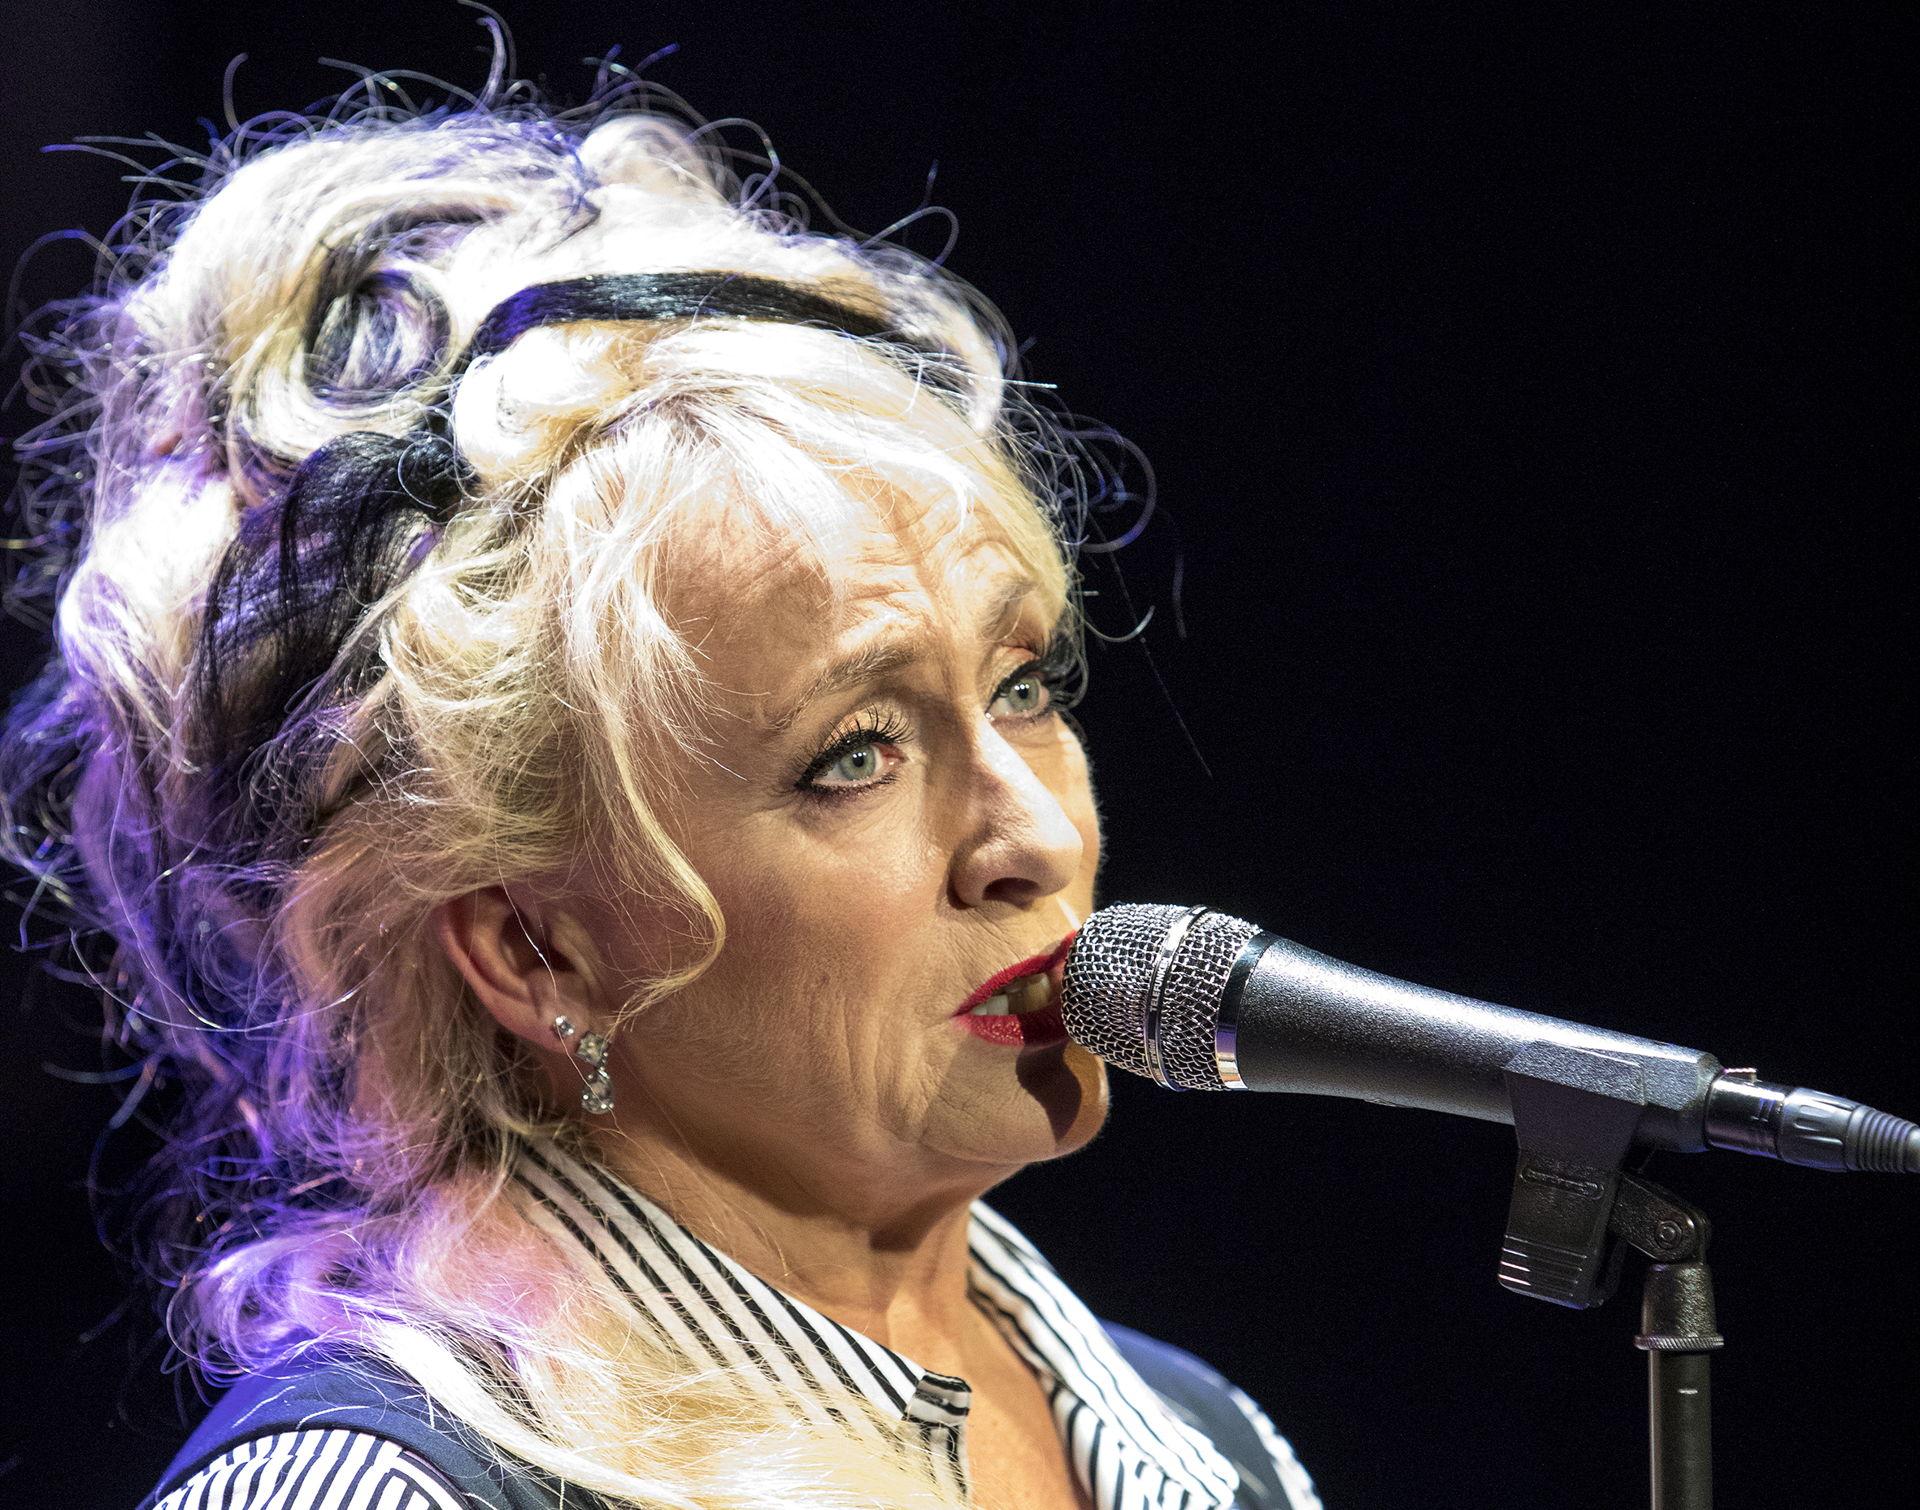 Karin Bloemen keert terug naar haar eerste grote liefde: zingen. Samen met de Old School Band presenteert ze een puur, muzikaal programma vol funk, jazz en soul met eigen stukken en covers van Billie, Aretha, Norah, Amy en meer.